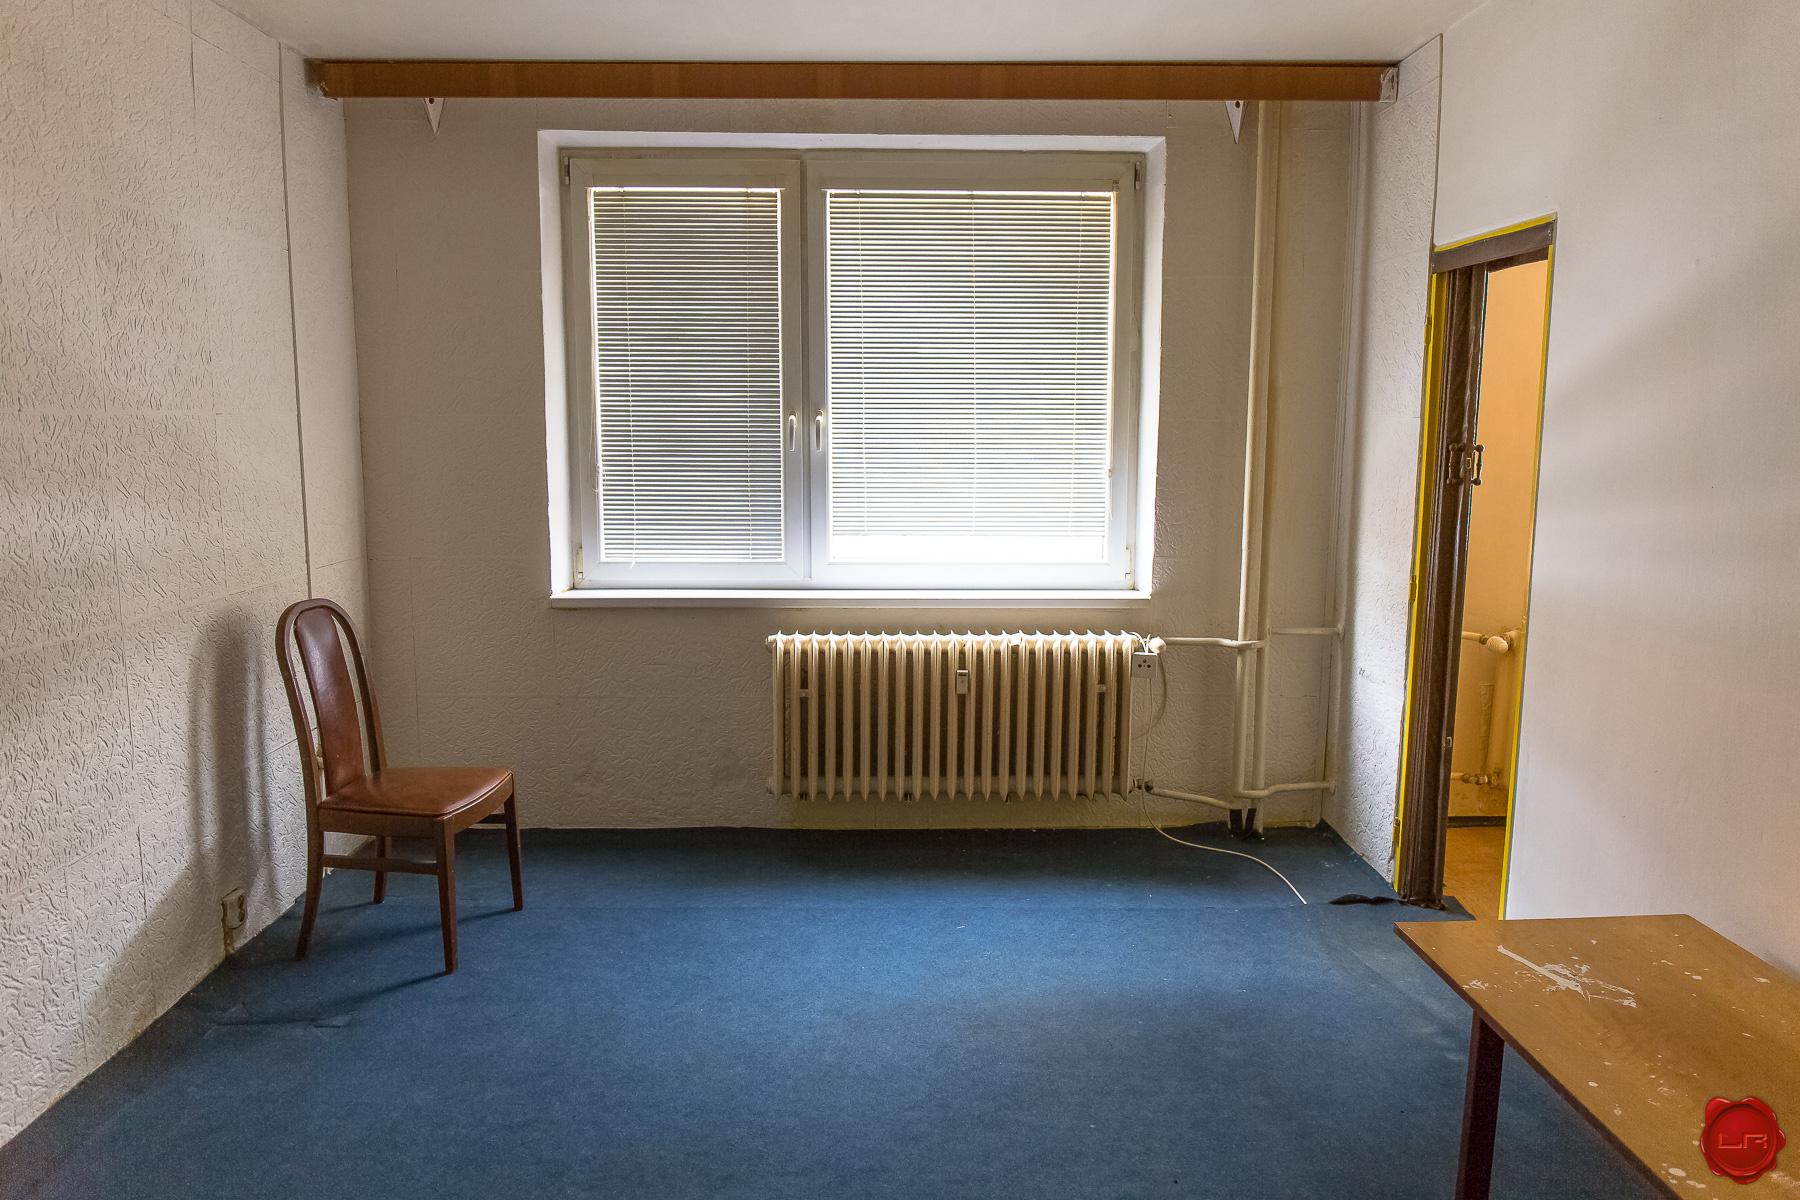 predané Byt 1+1 (36 m2) sídl. Mier v Sp. Novej Vsi